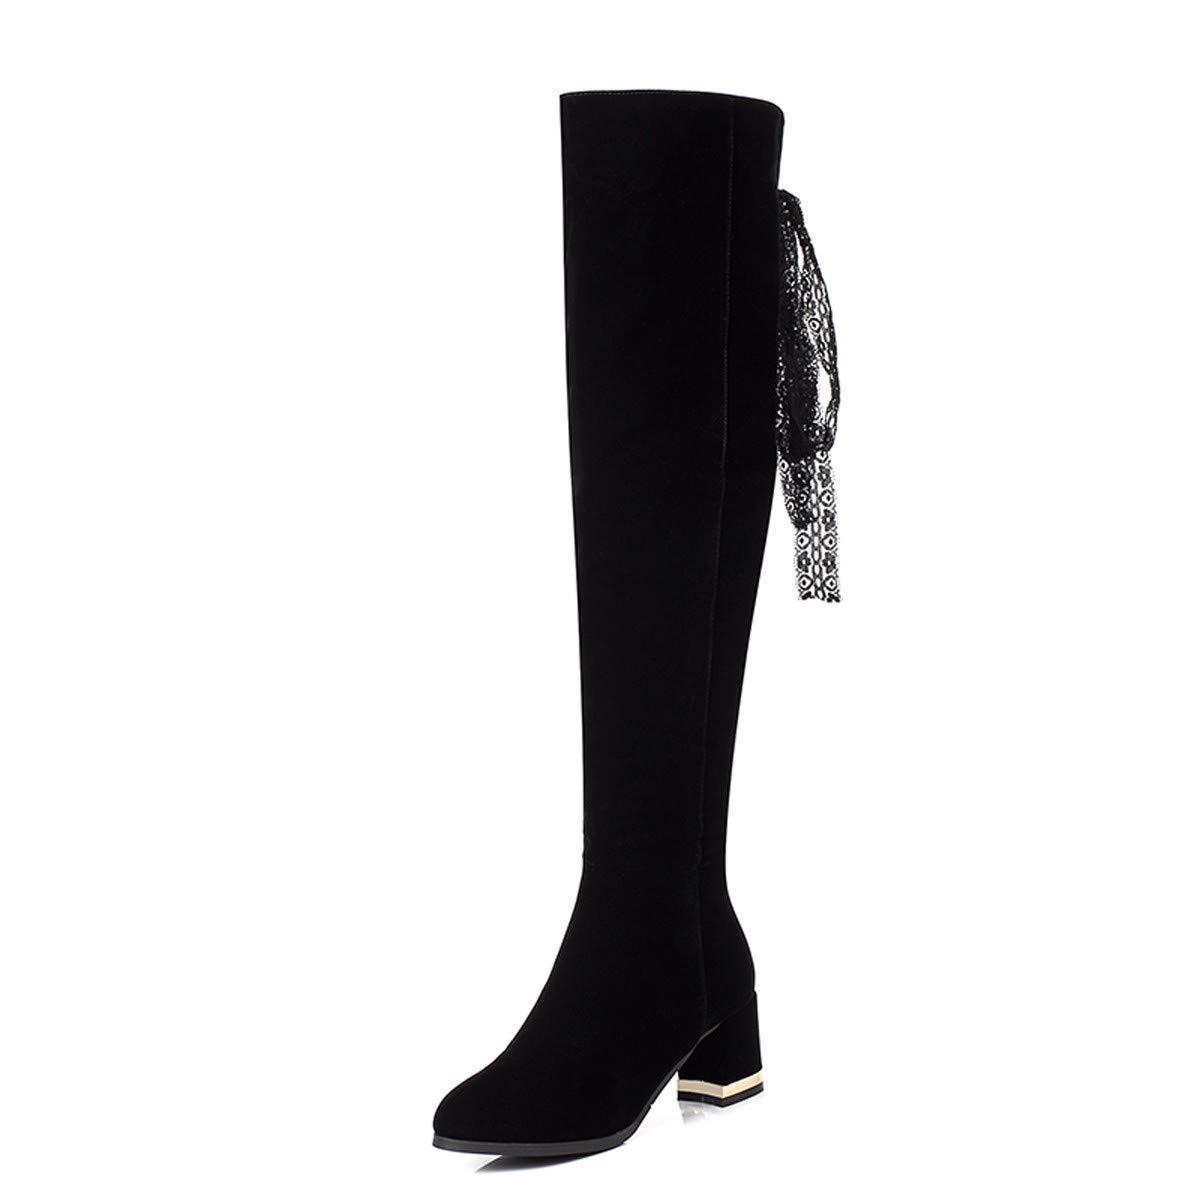 KPHY Damenschuhe Dicke Sohle Stiefel Heel 6 cm Seite Reißverschluss Schwarzen Wildleder Schleife Slim Über Knie - Stiefel